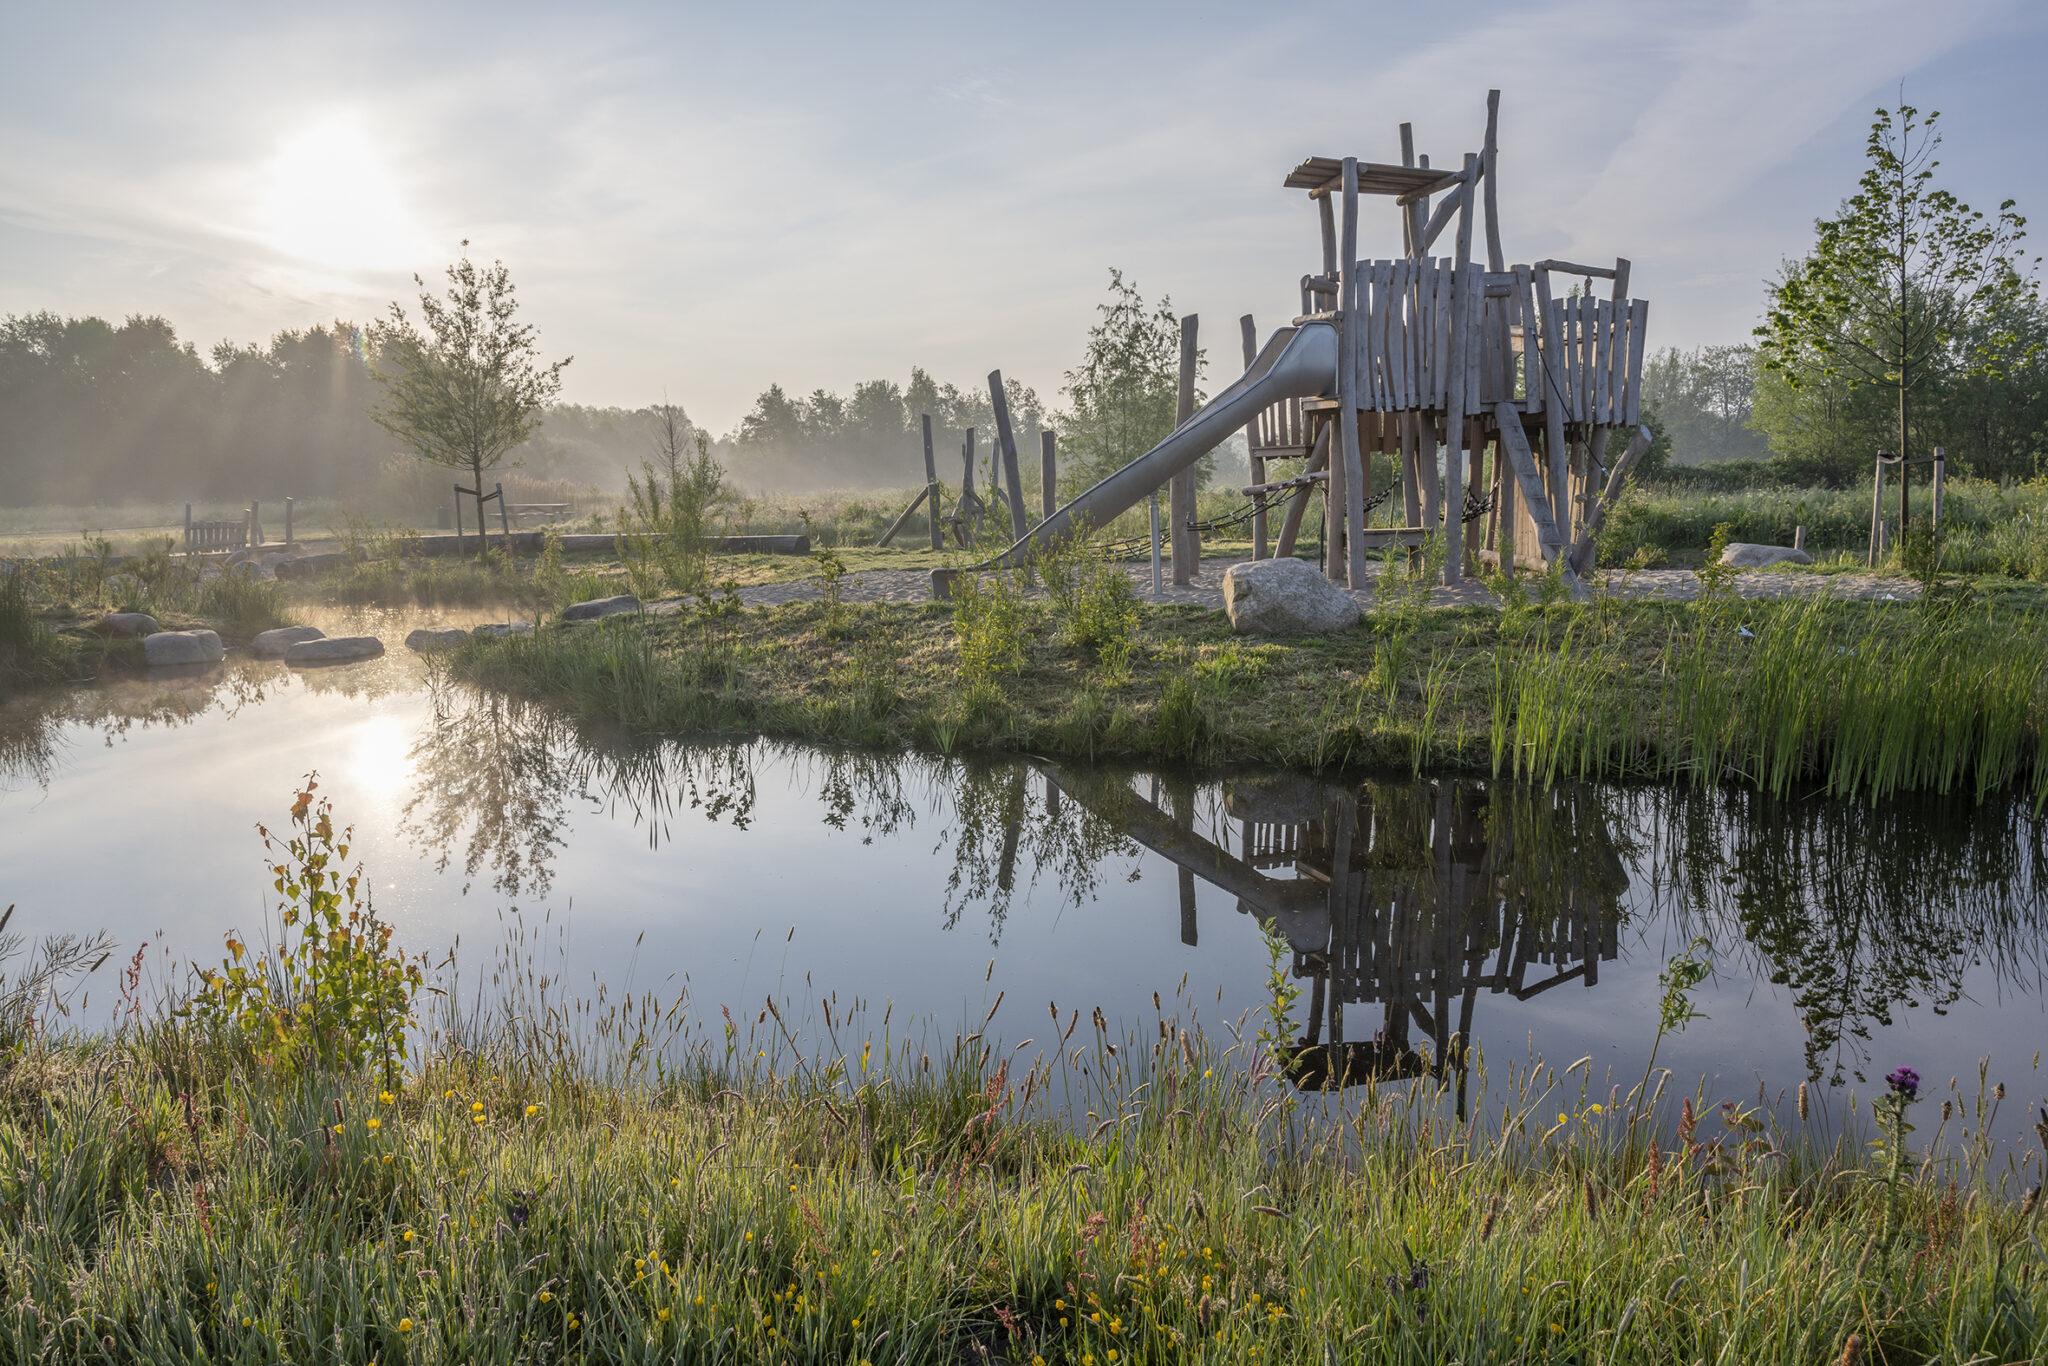 3. Landschappelijk ontwerp recreatiegebied Krimpenerhout_beeld 1, projectenpagina